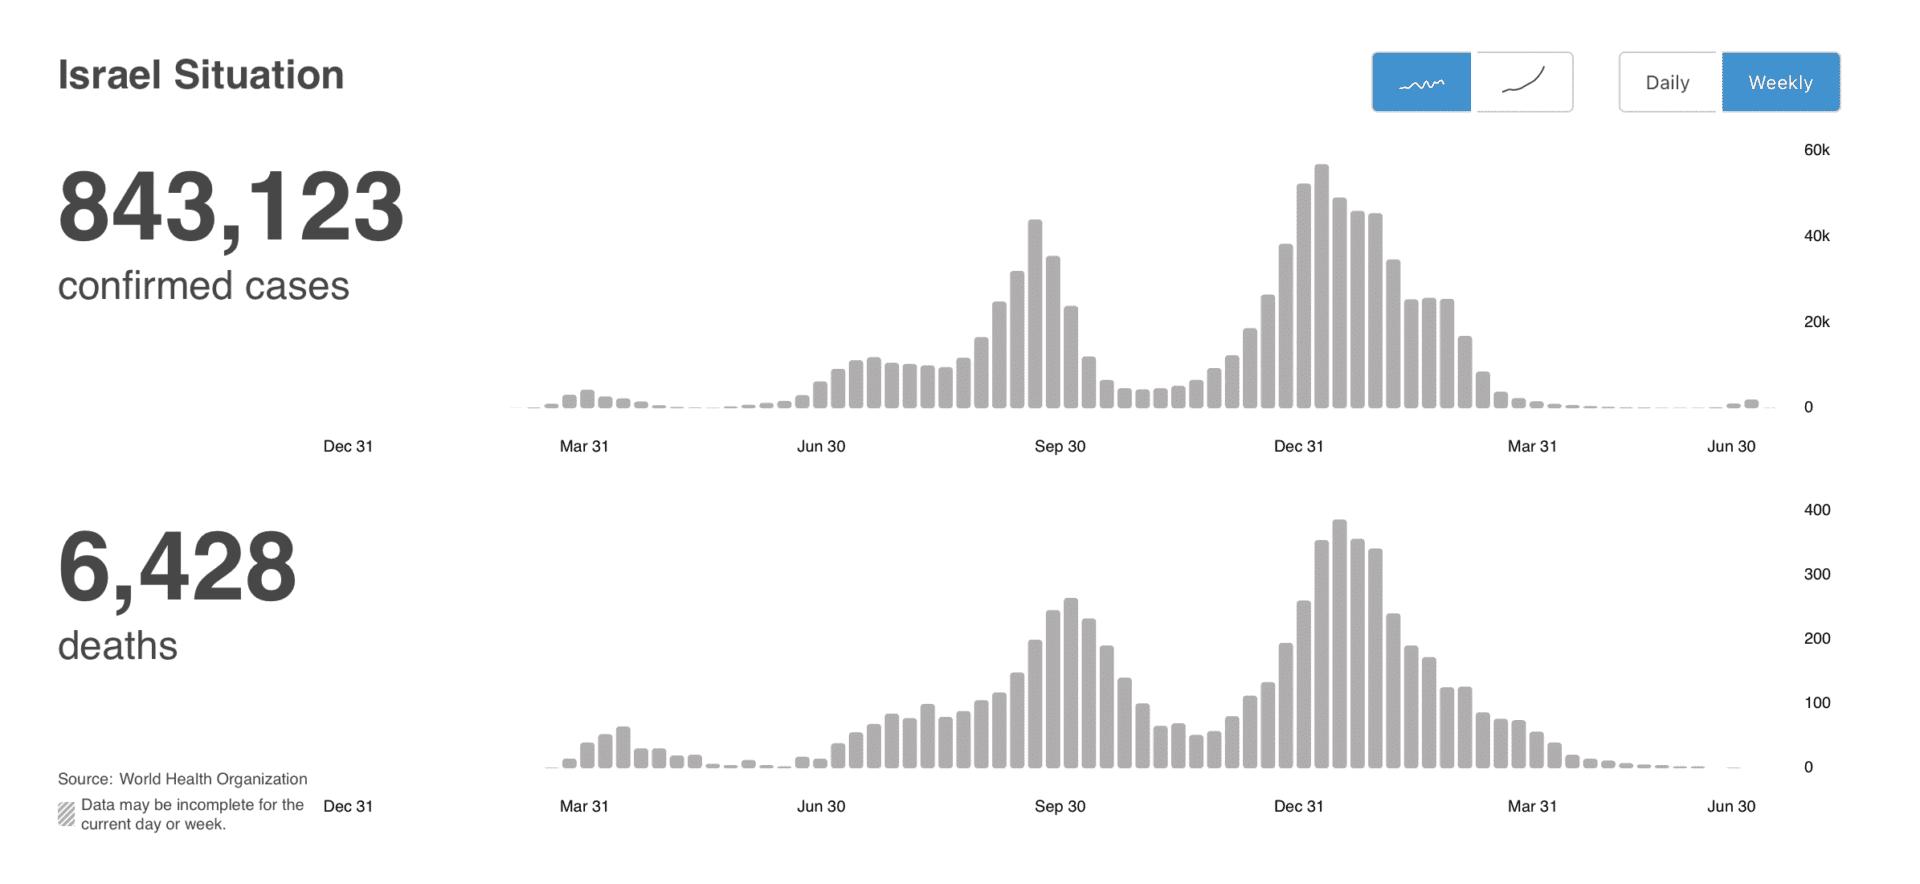 Wykresy przedstawiają liczbę potwierdzonych przypadków COVID-19 iśmierci zpowodu koronawirusa wIzraelu od wybuchu pandemii (w ujęciu tygodniowym).